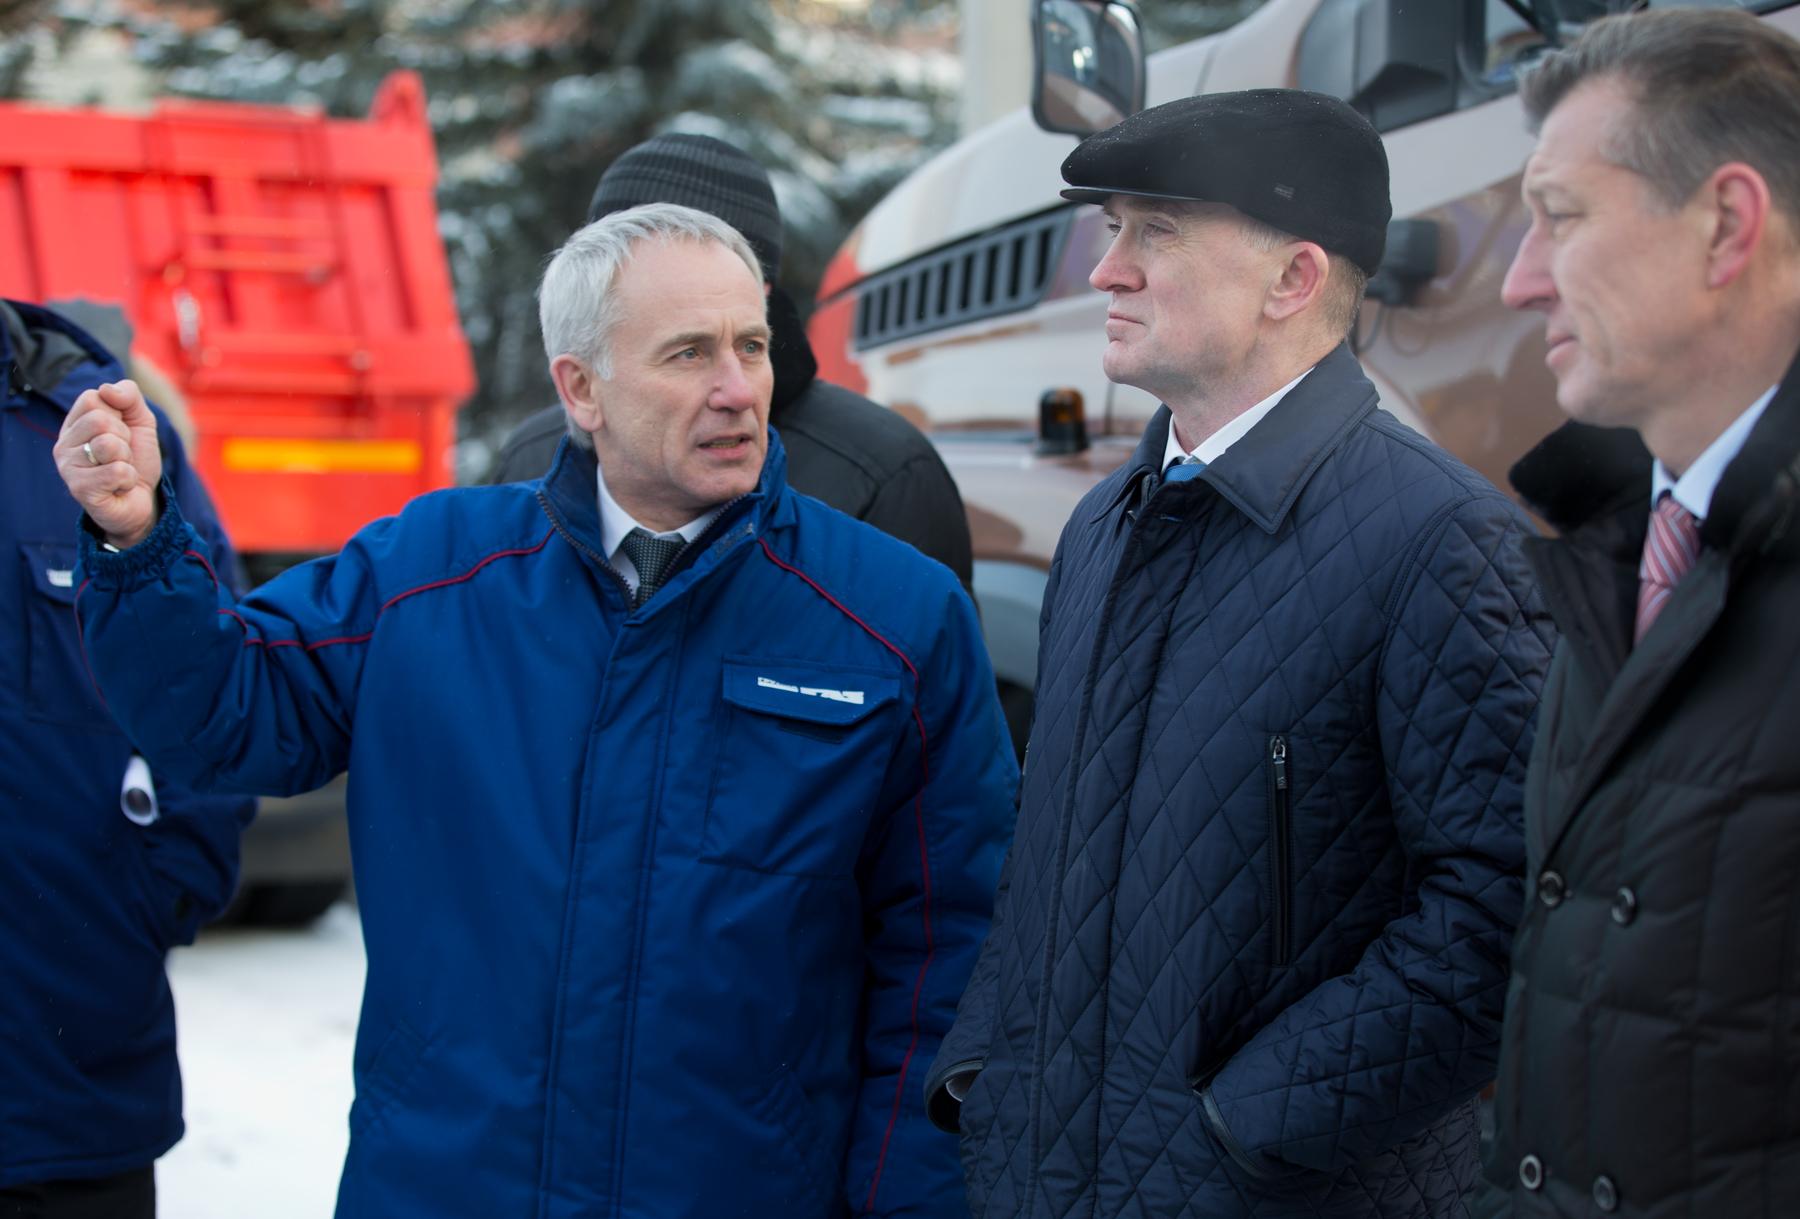 Губернатор Челябинской области Борис Дубровский сегодня, 30 ноября, посетил с рабочим визитом Миа